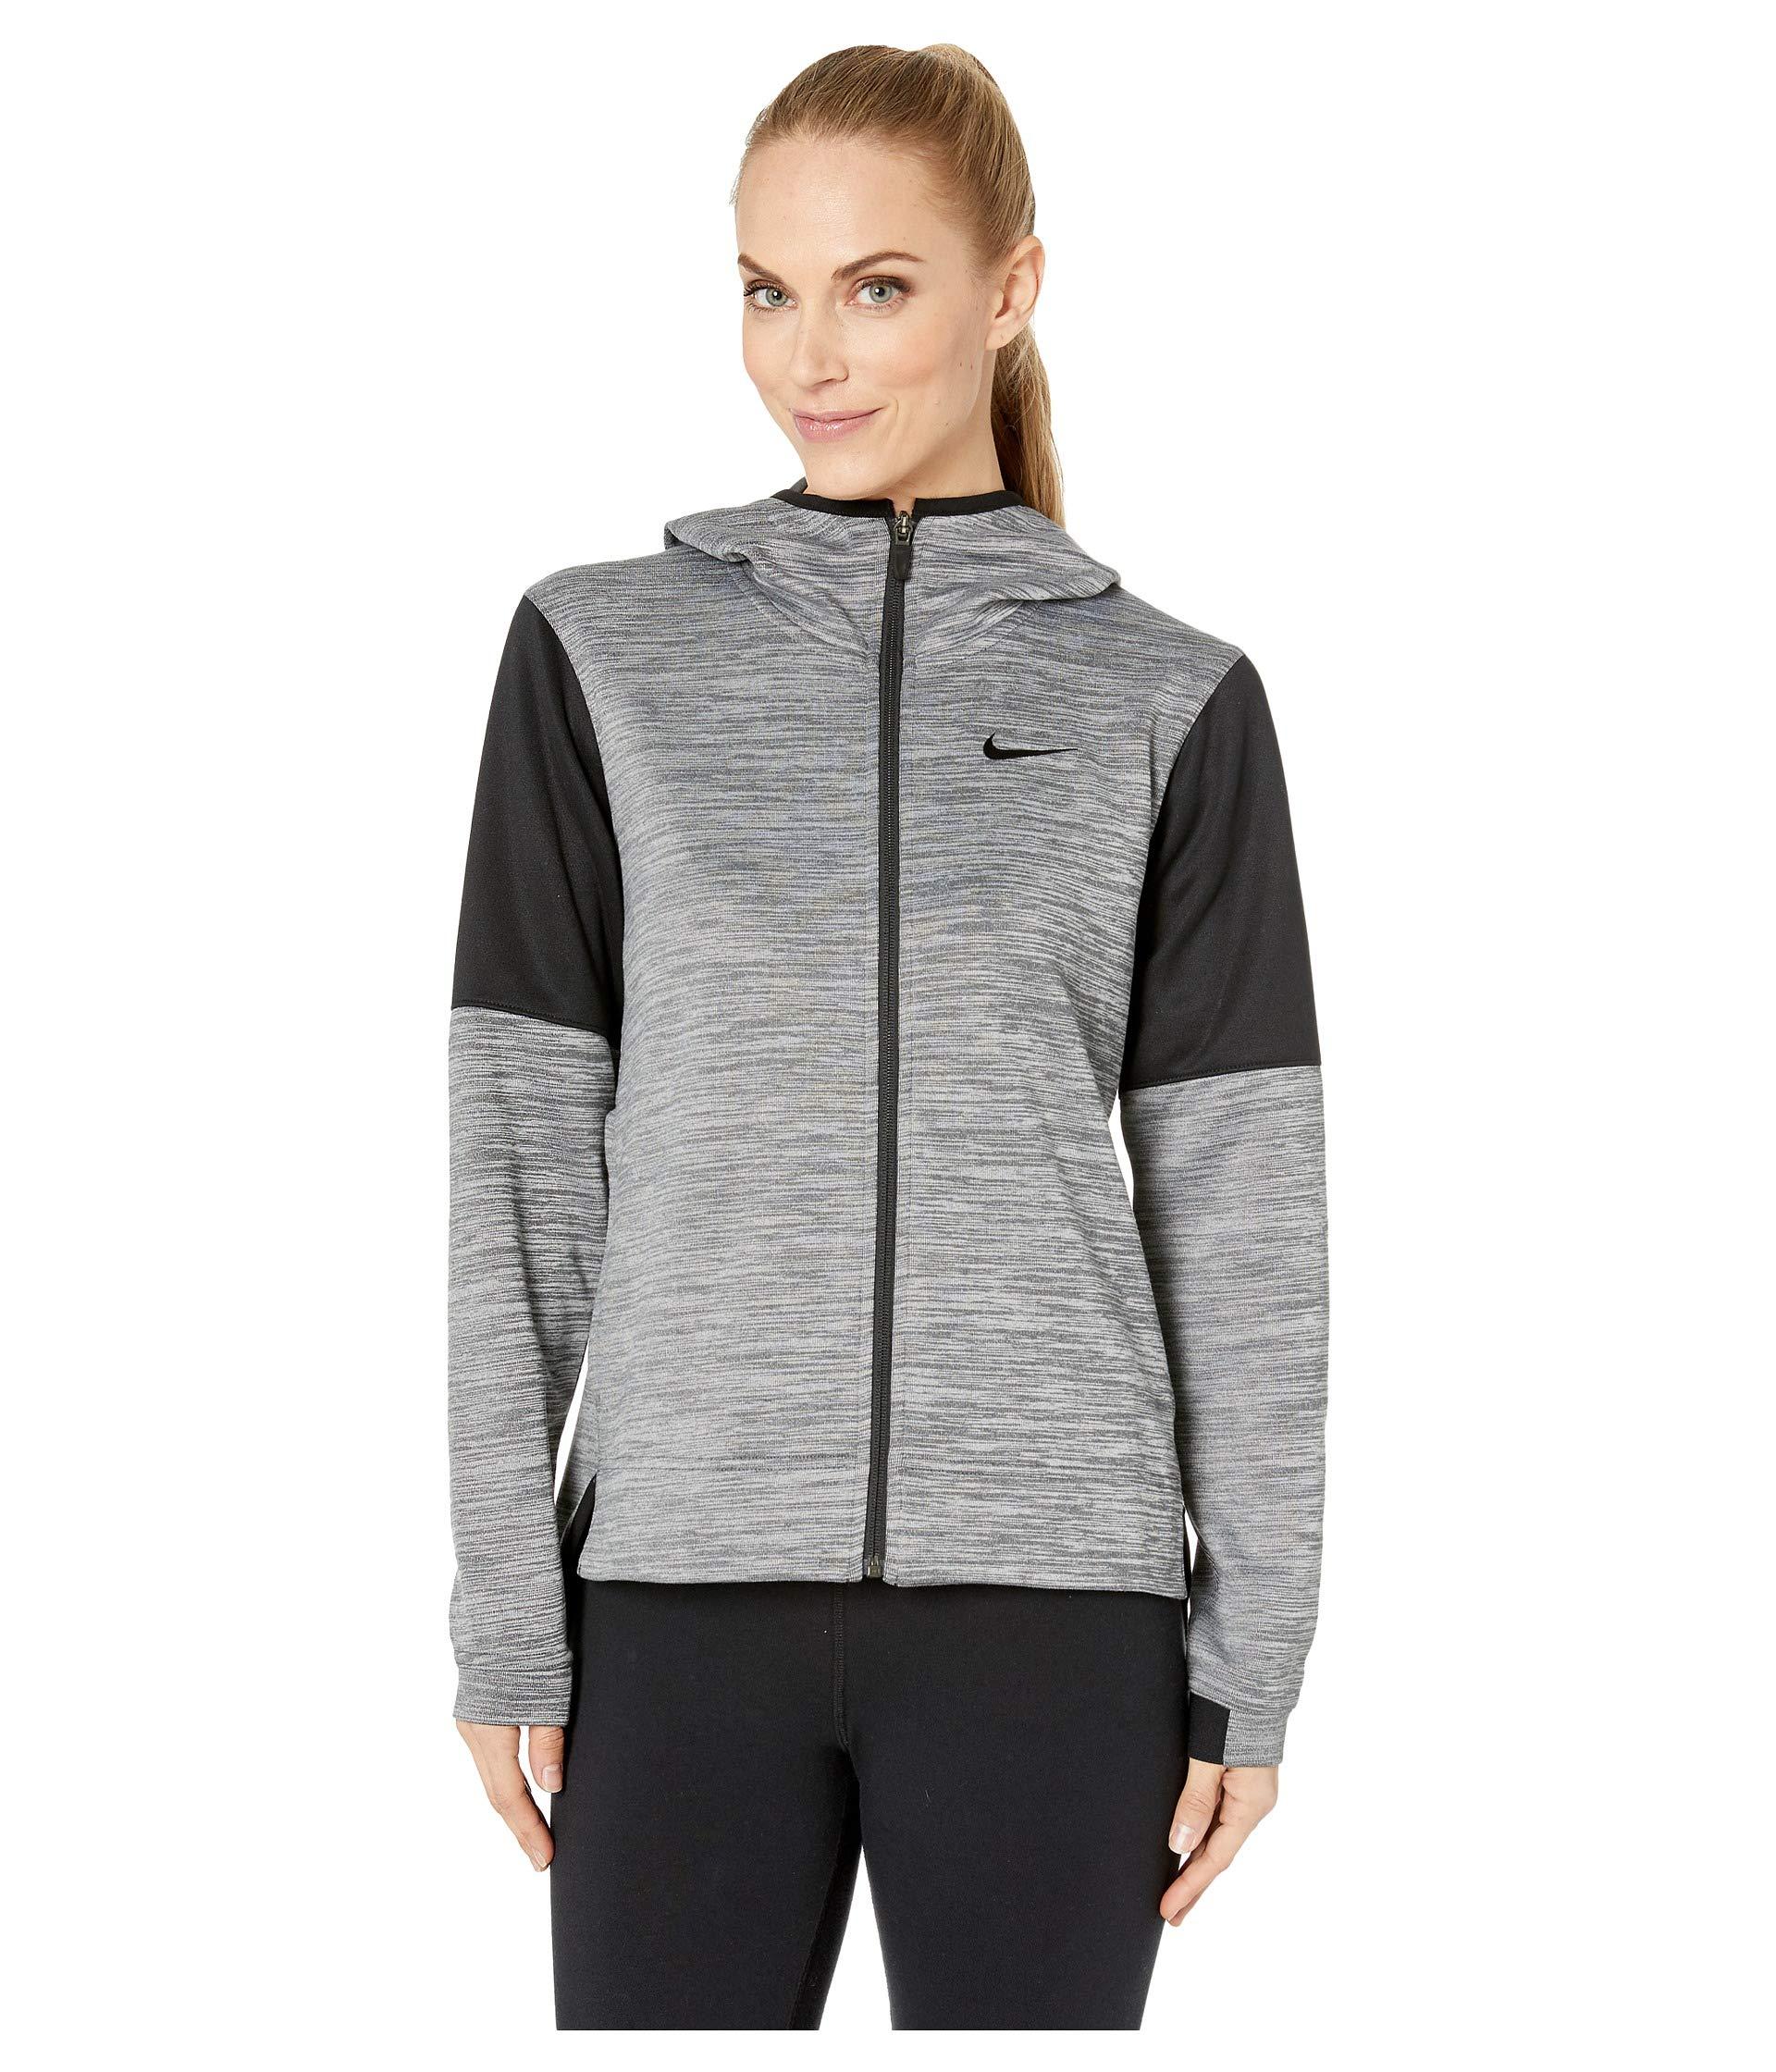 black Full Grey black Spotlight Heather Nike Hoodie Zip z8FnxRq